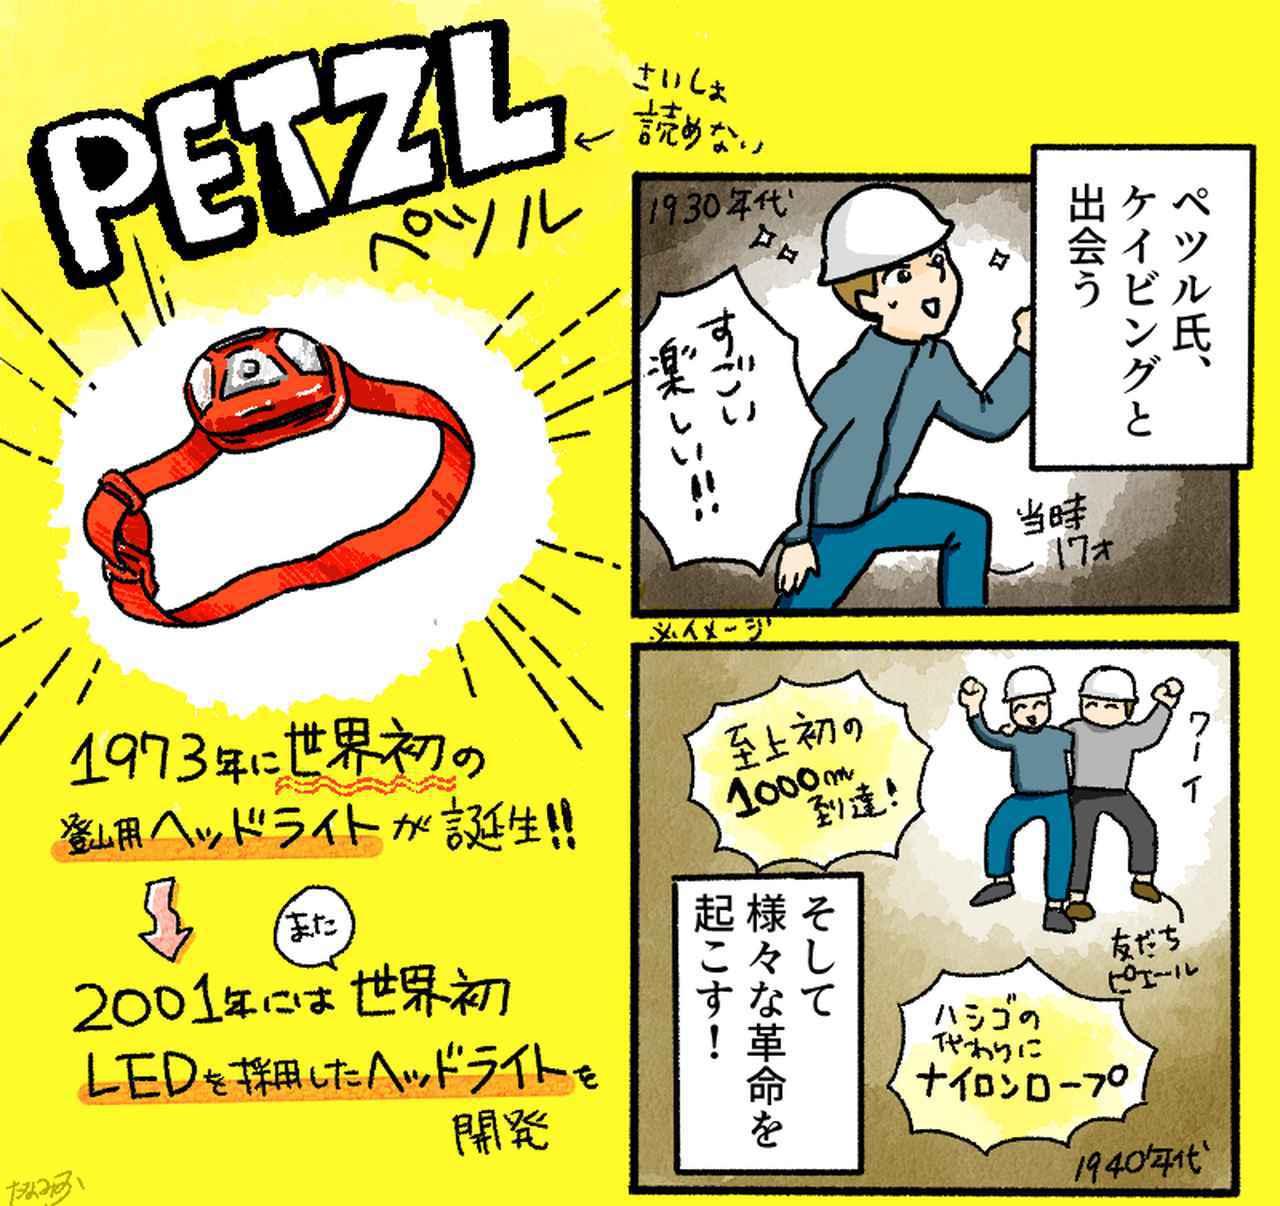 画像: 【PETZL(ペツル)】とは? 世界初のLEDを採用した登山用ヘッドライト! フランスのアウトドアブランド